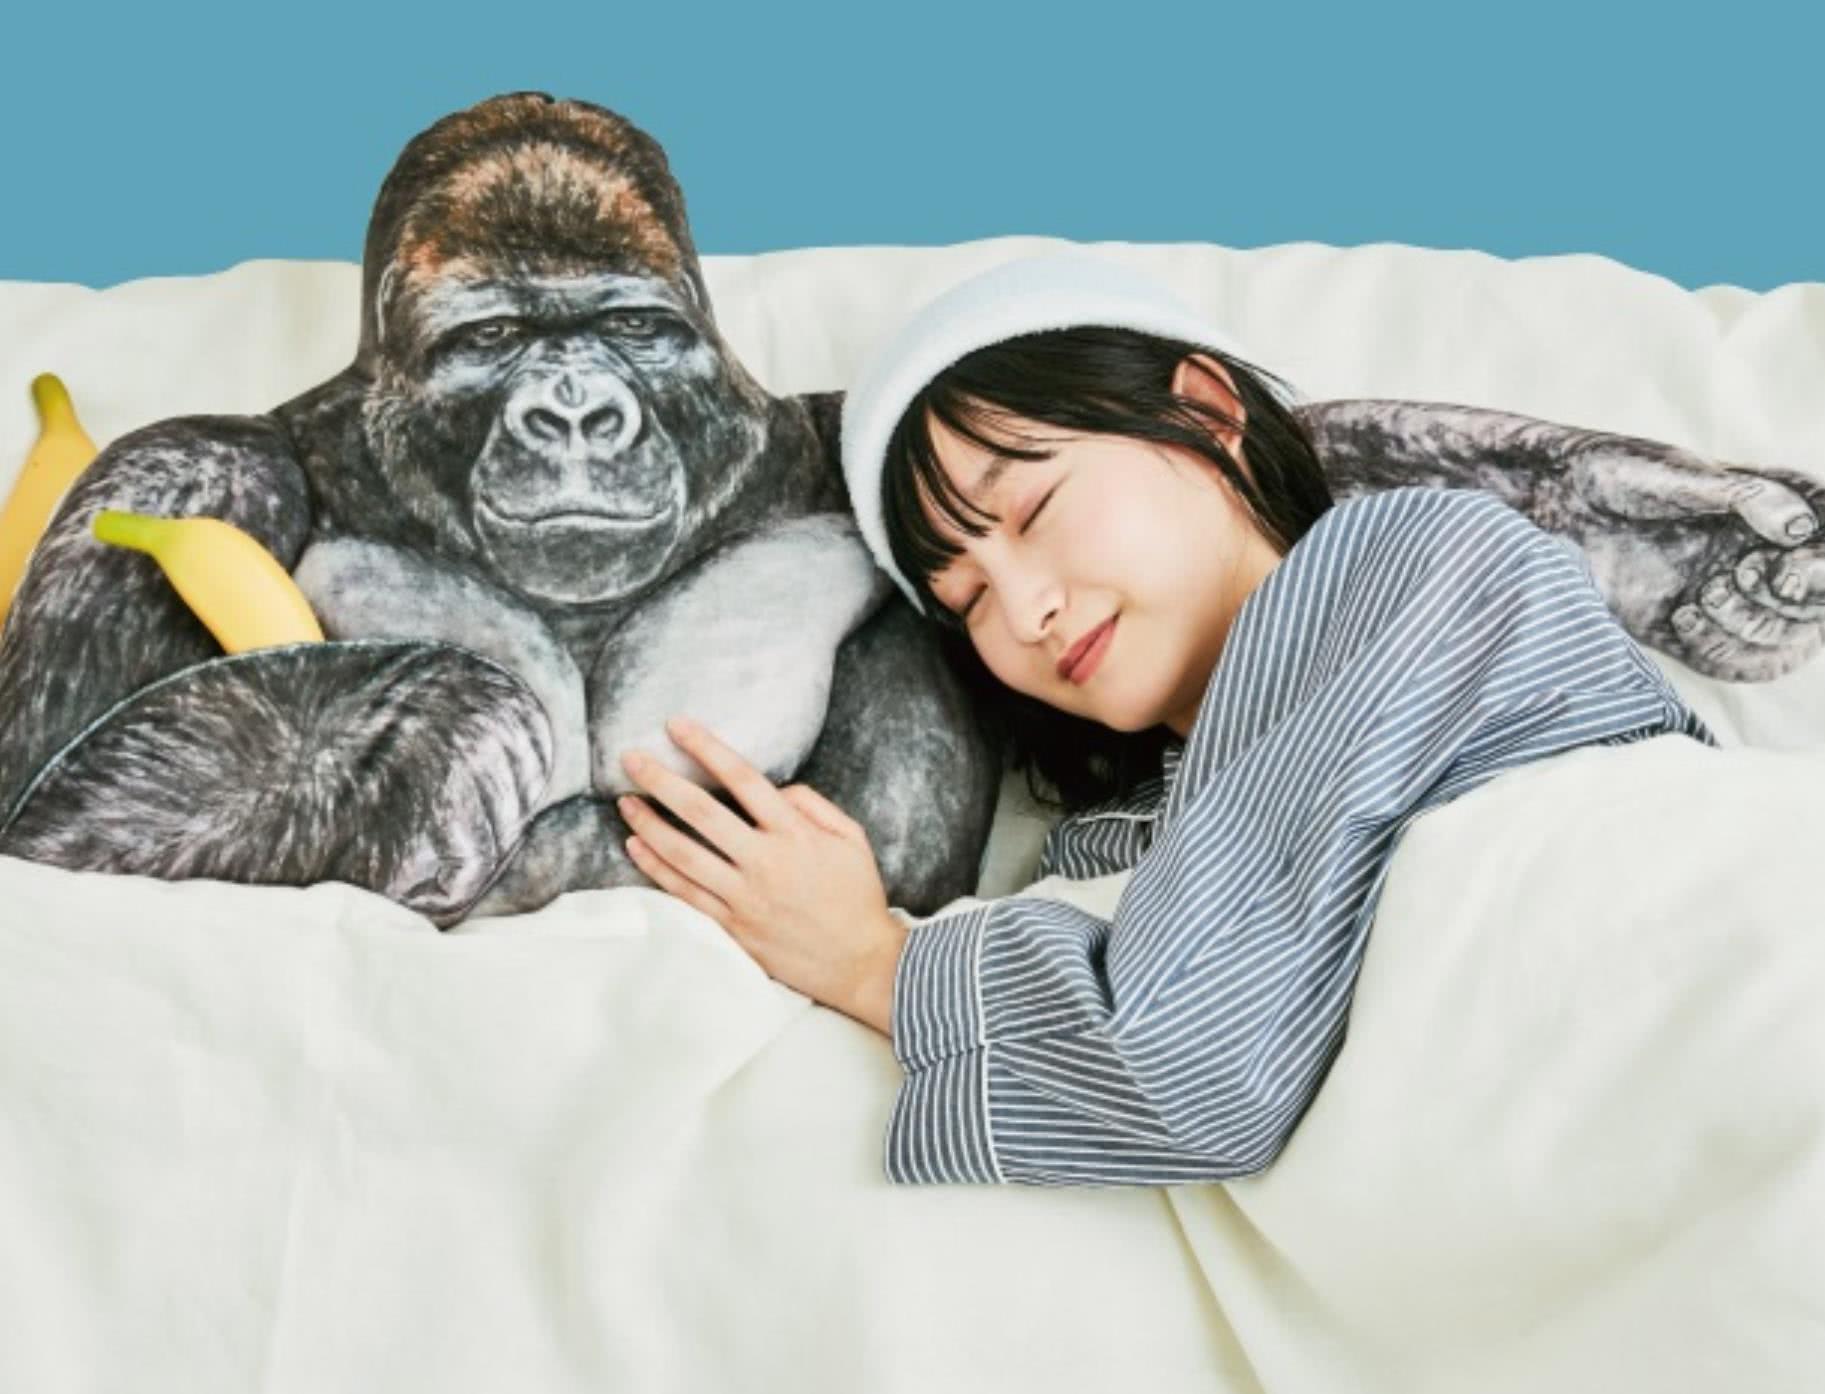 日本动物园面向女游客卖猩猩抱枕,有厚实胸肌,满足男友力想象